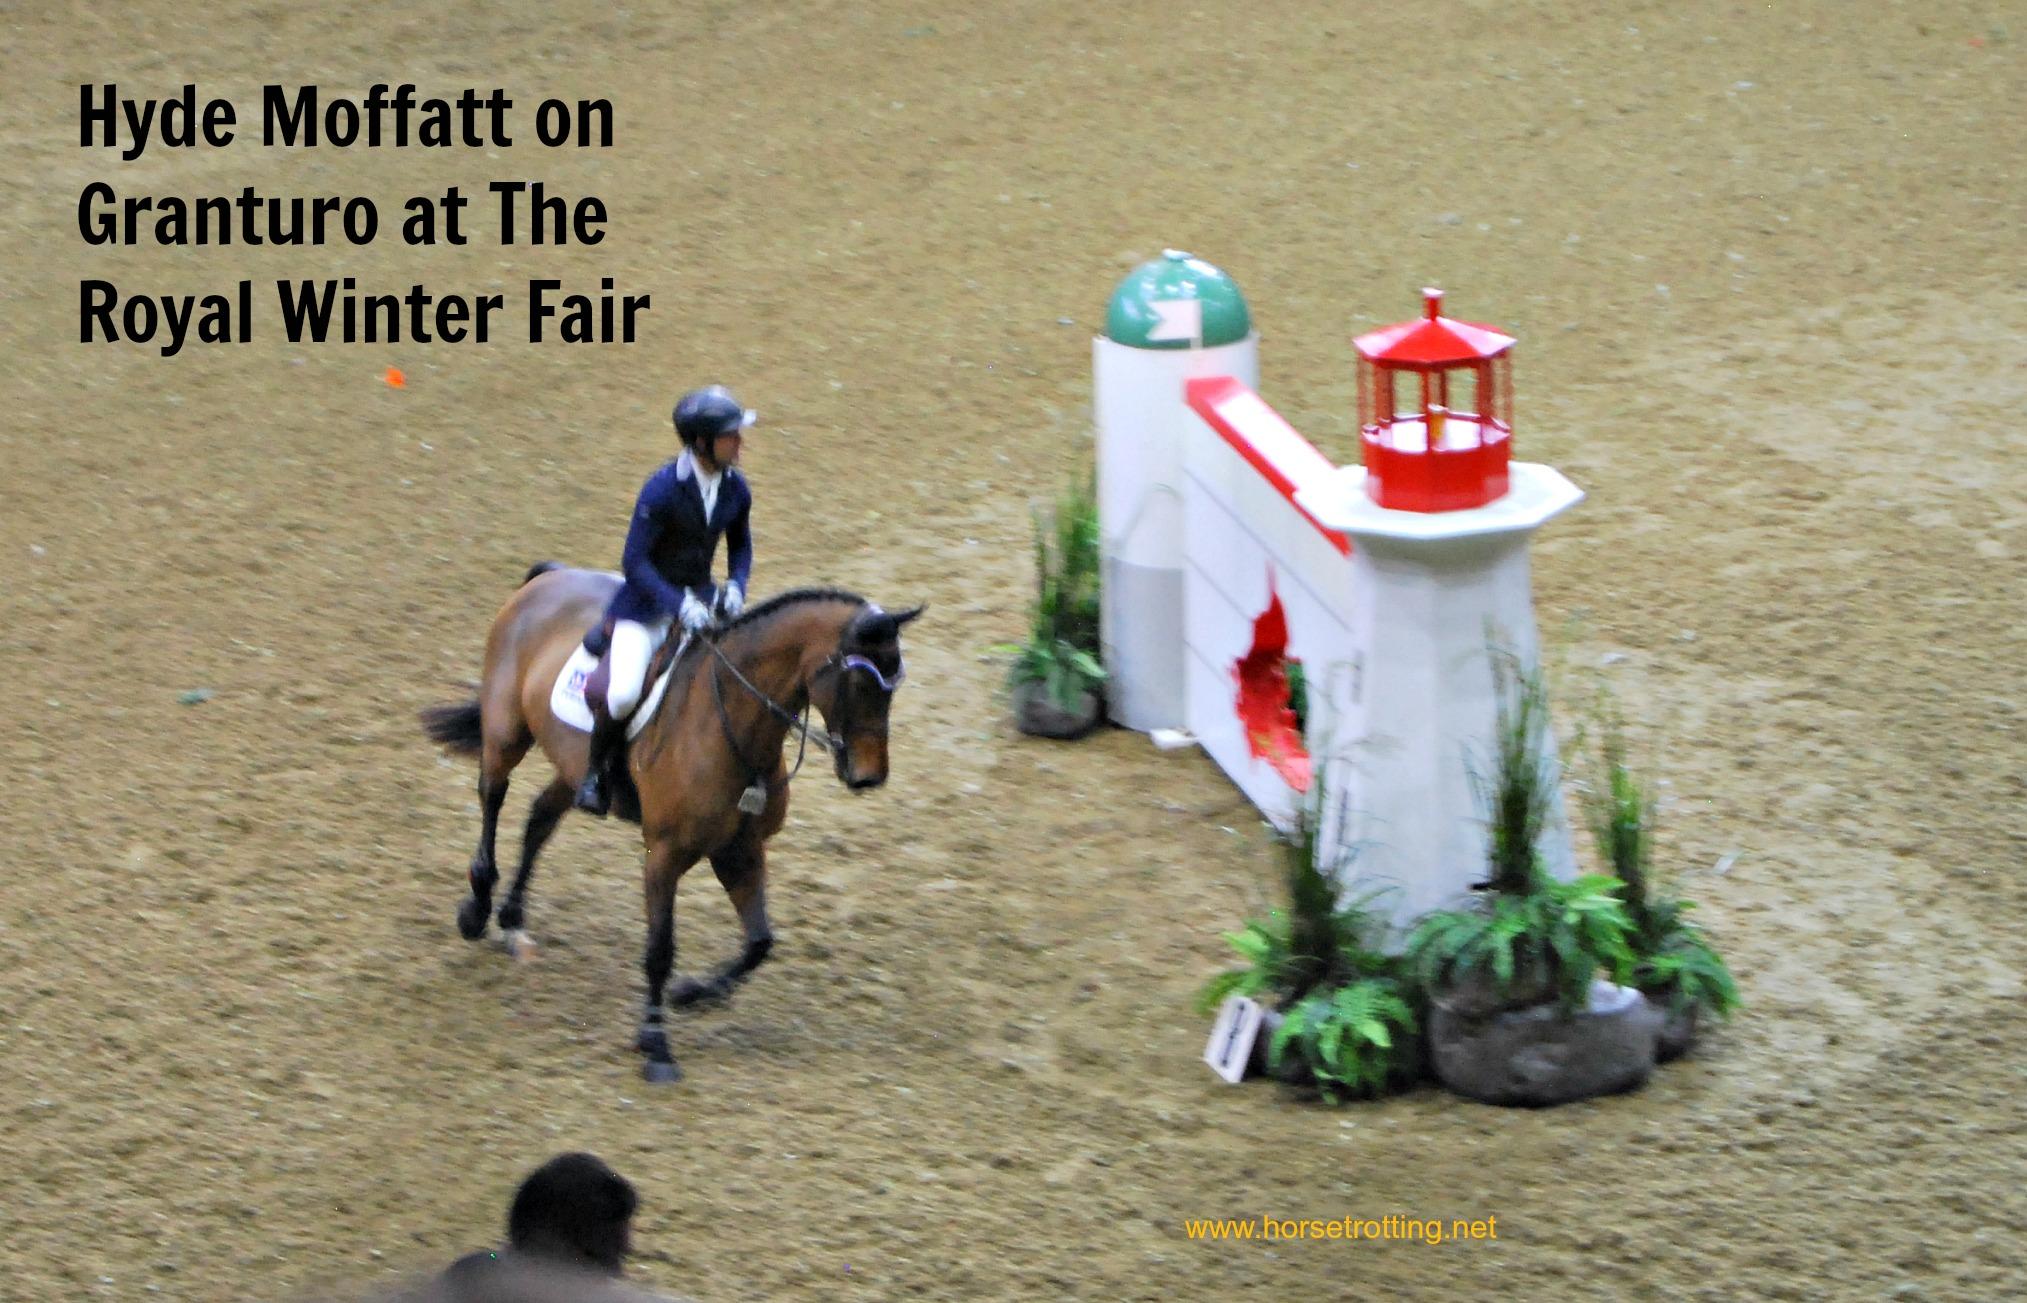 Hyde Moffatt at Royal Winter Fair, Toronto